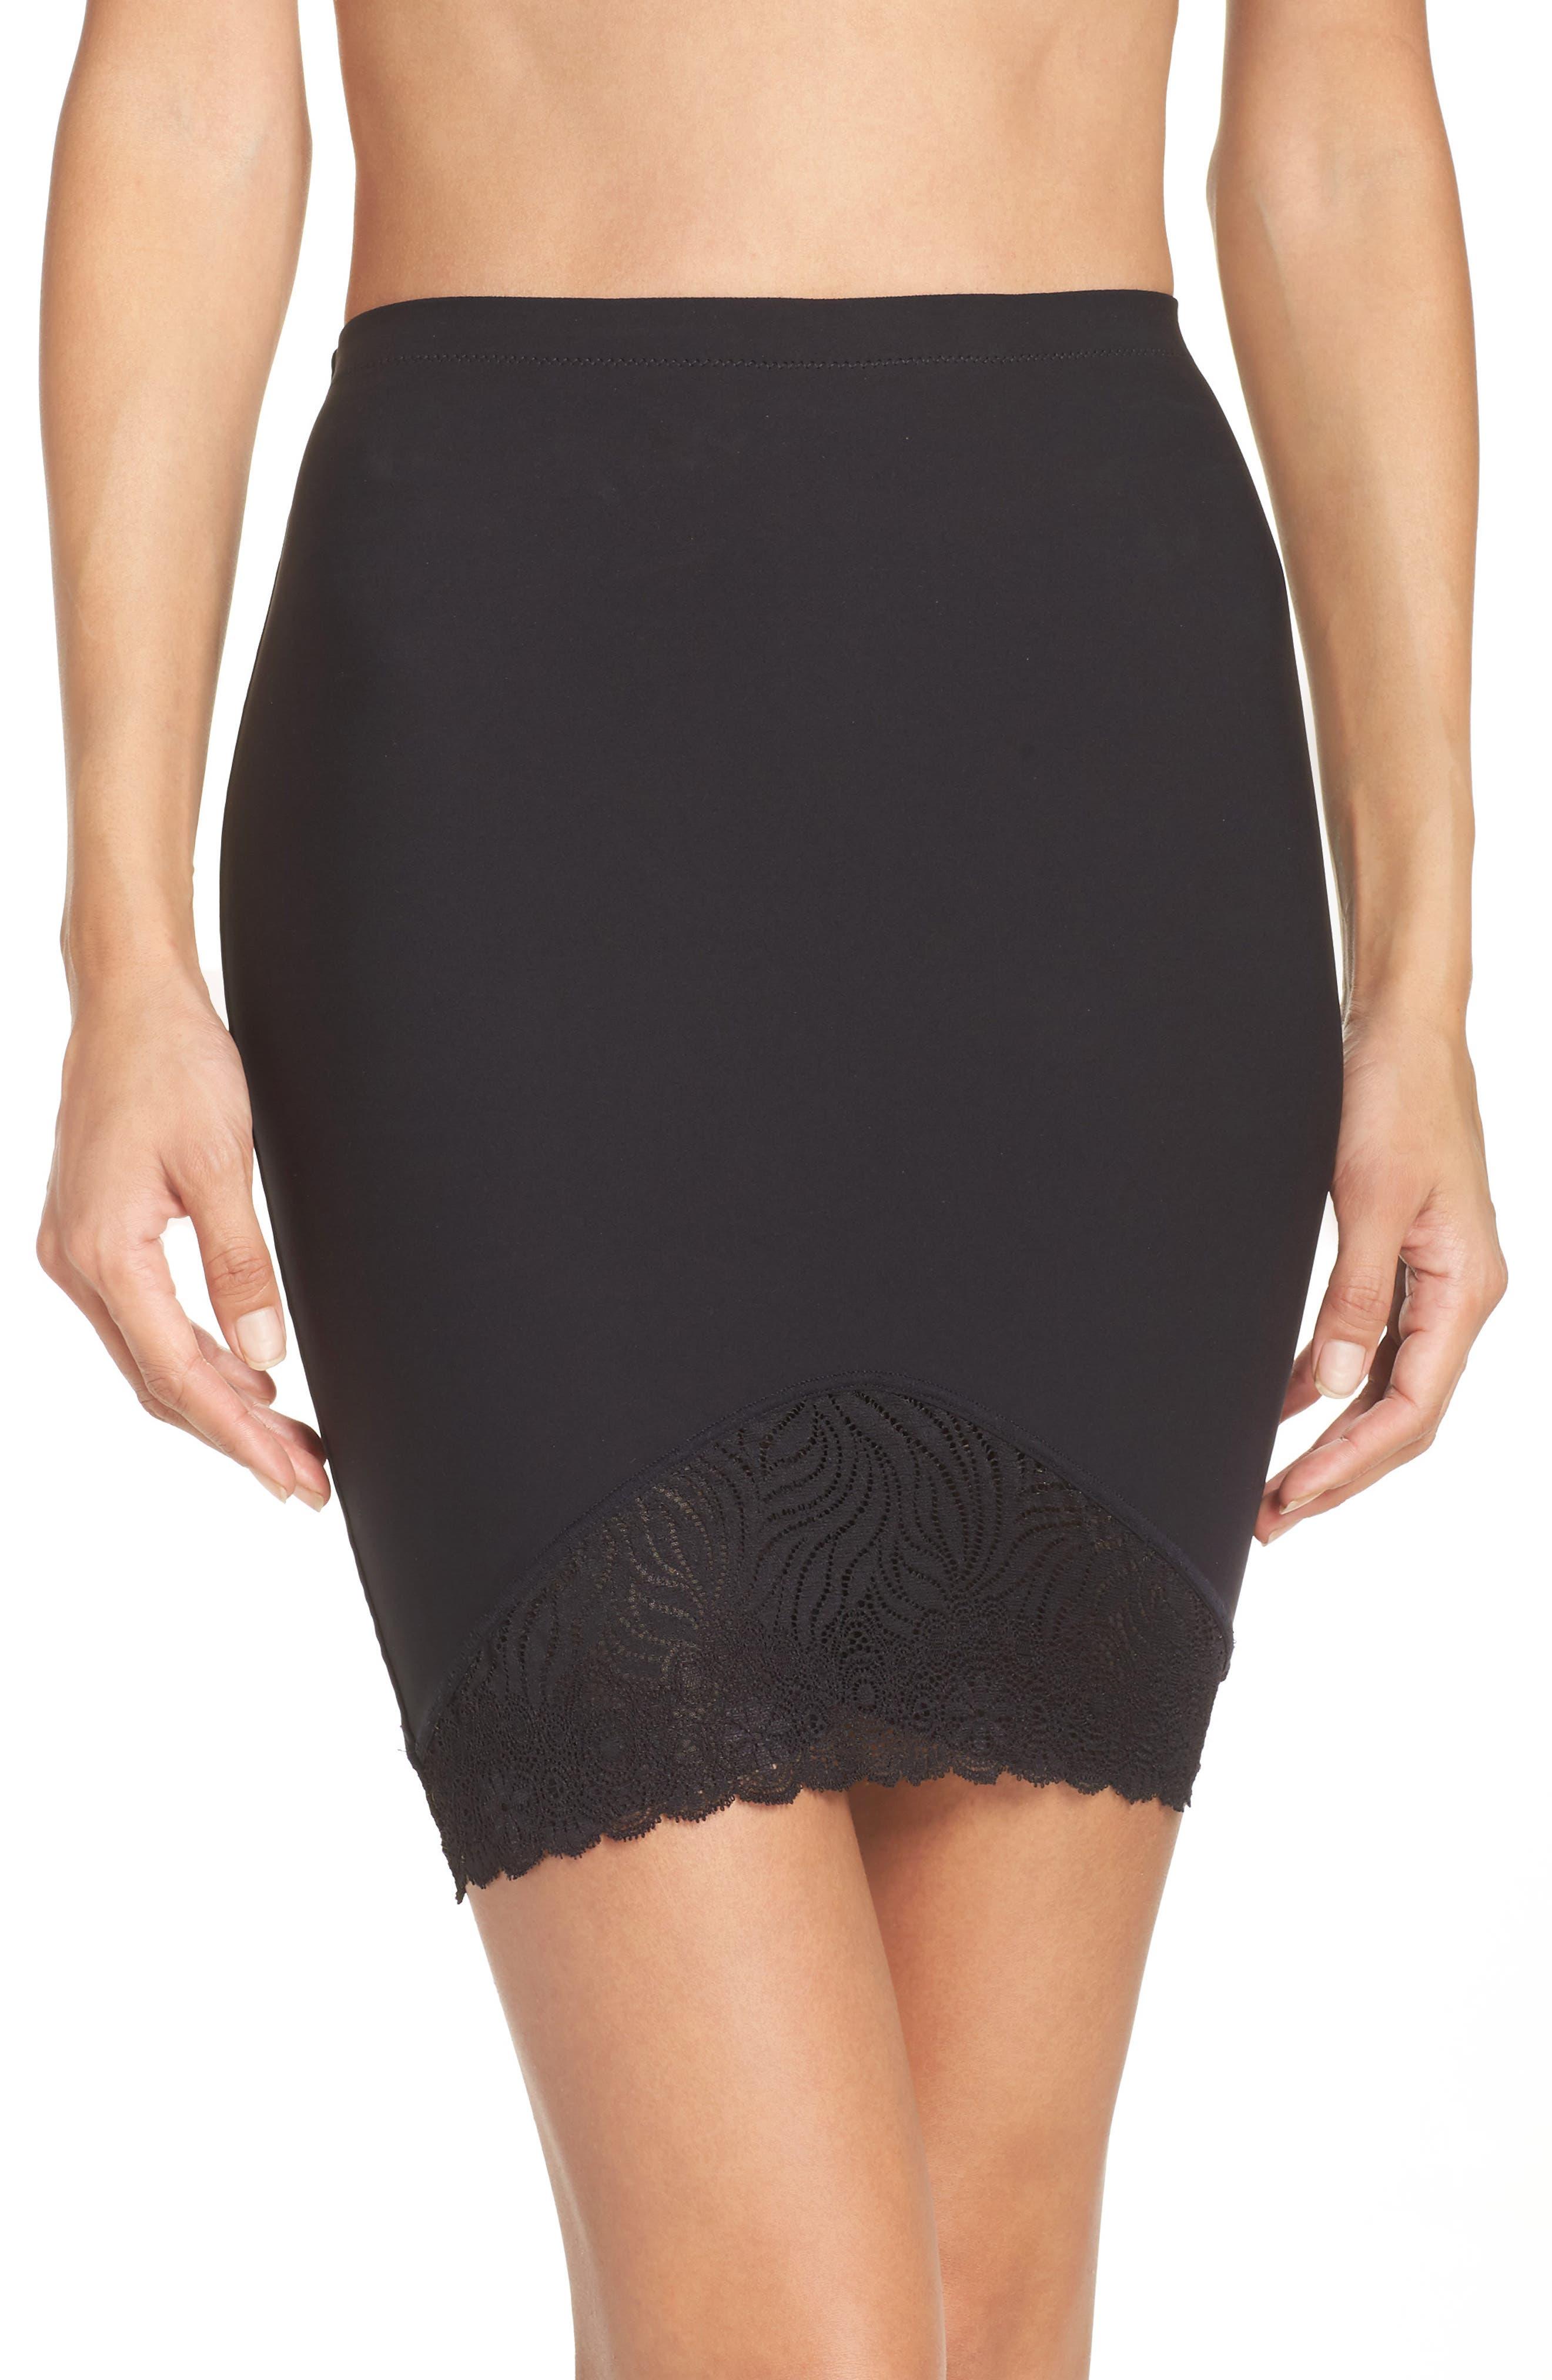 Top Model High Waist Skirt Shaper,                         Main,                         color, 001